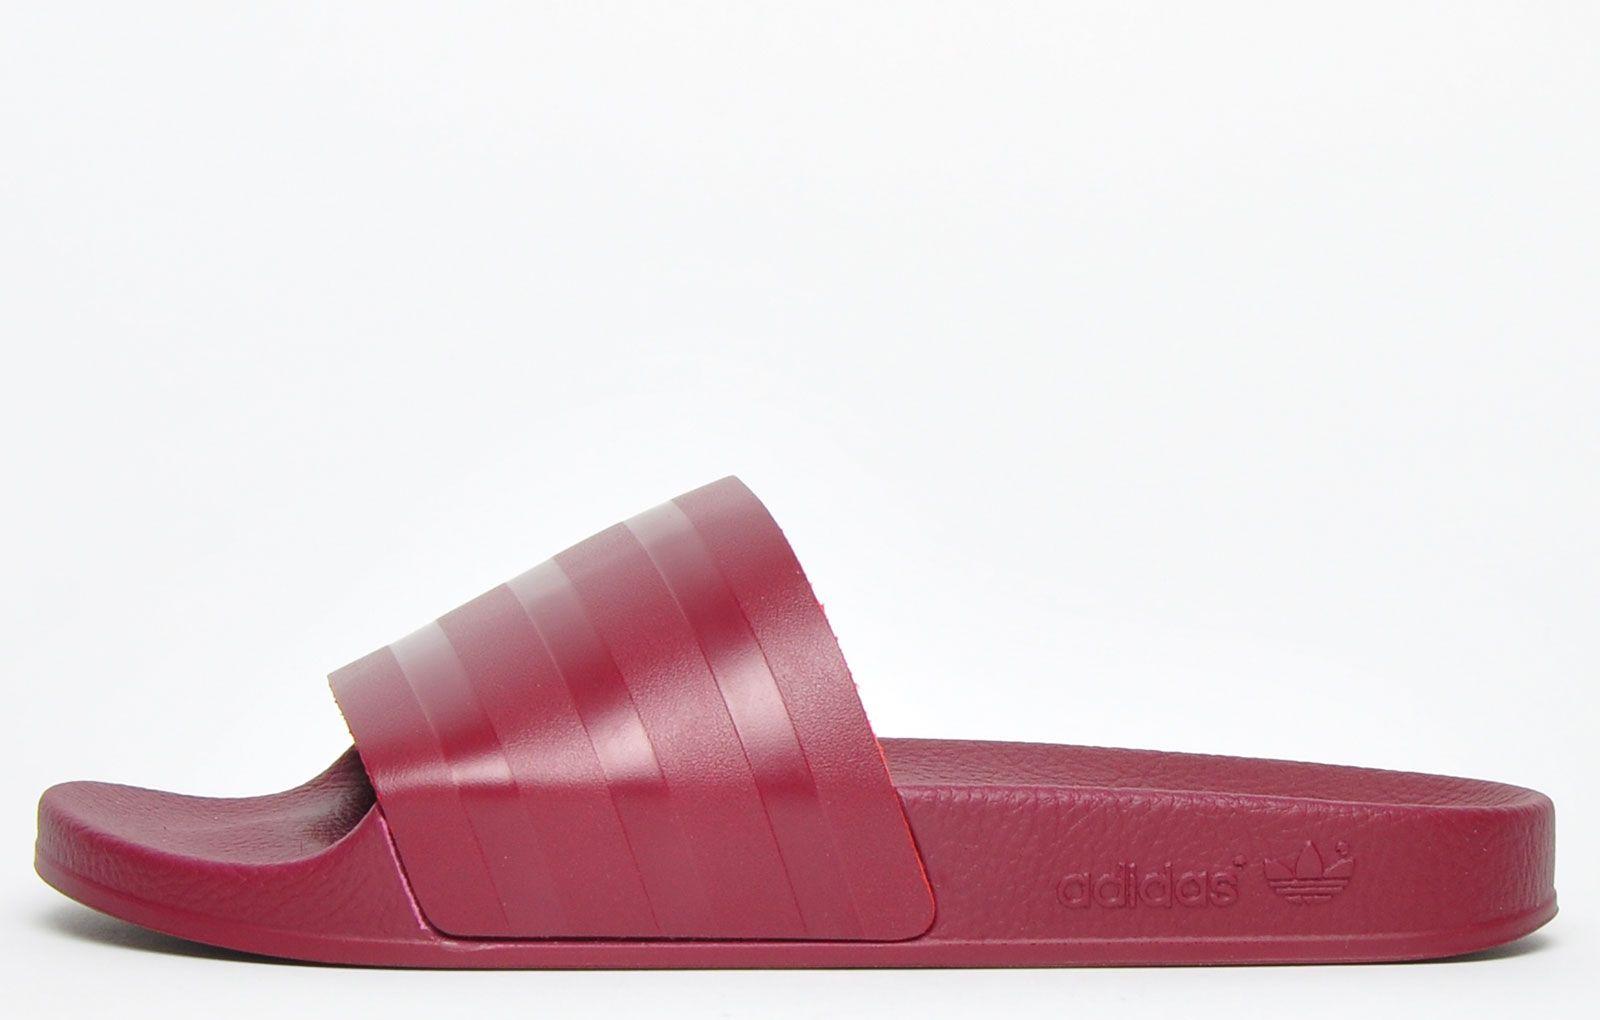 Adidas Originals Adilette Premium Mens